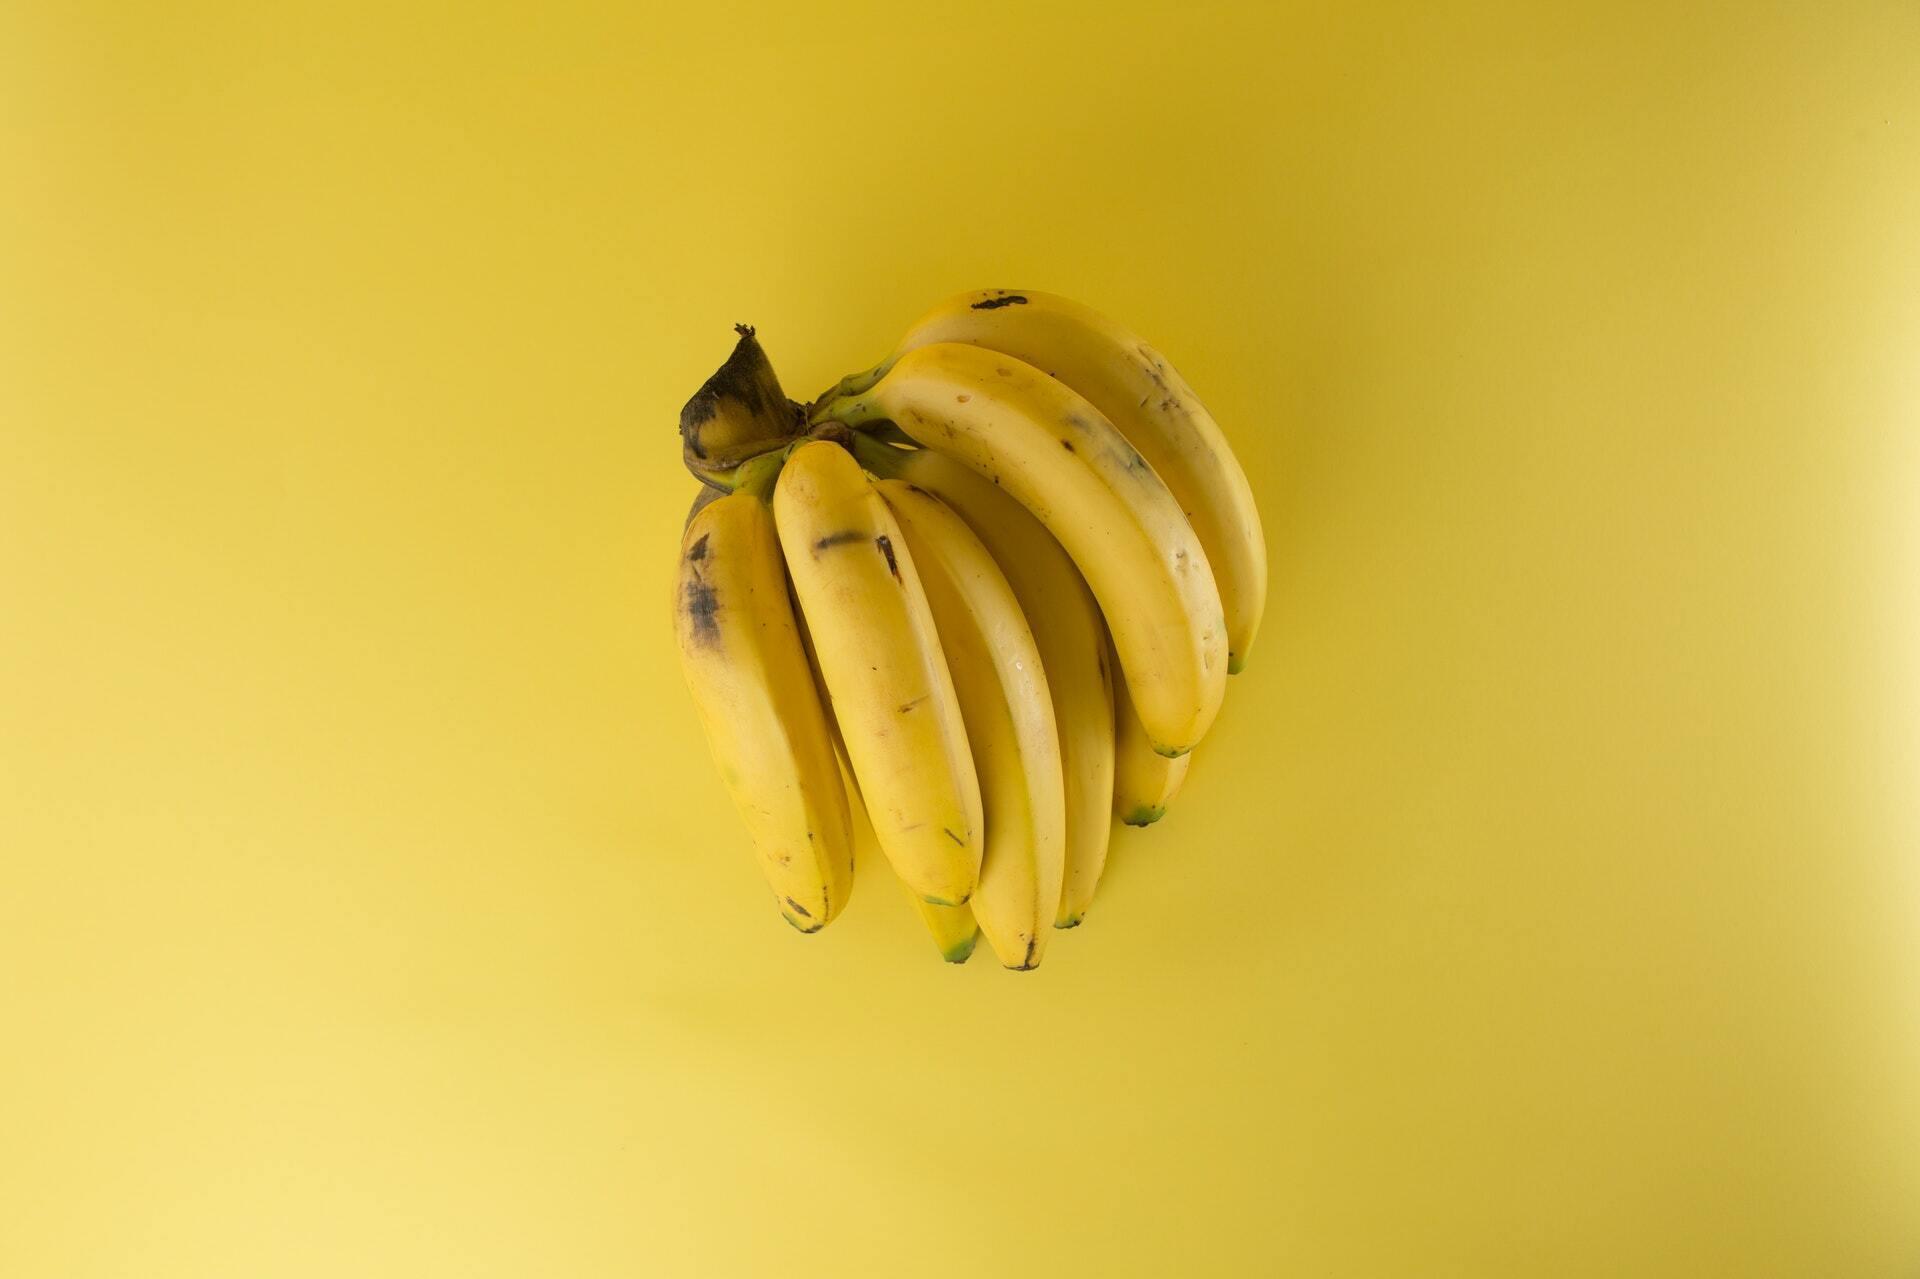 Відмінним нічним перекусом буде банан